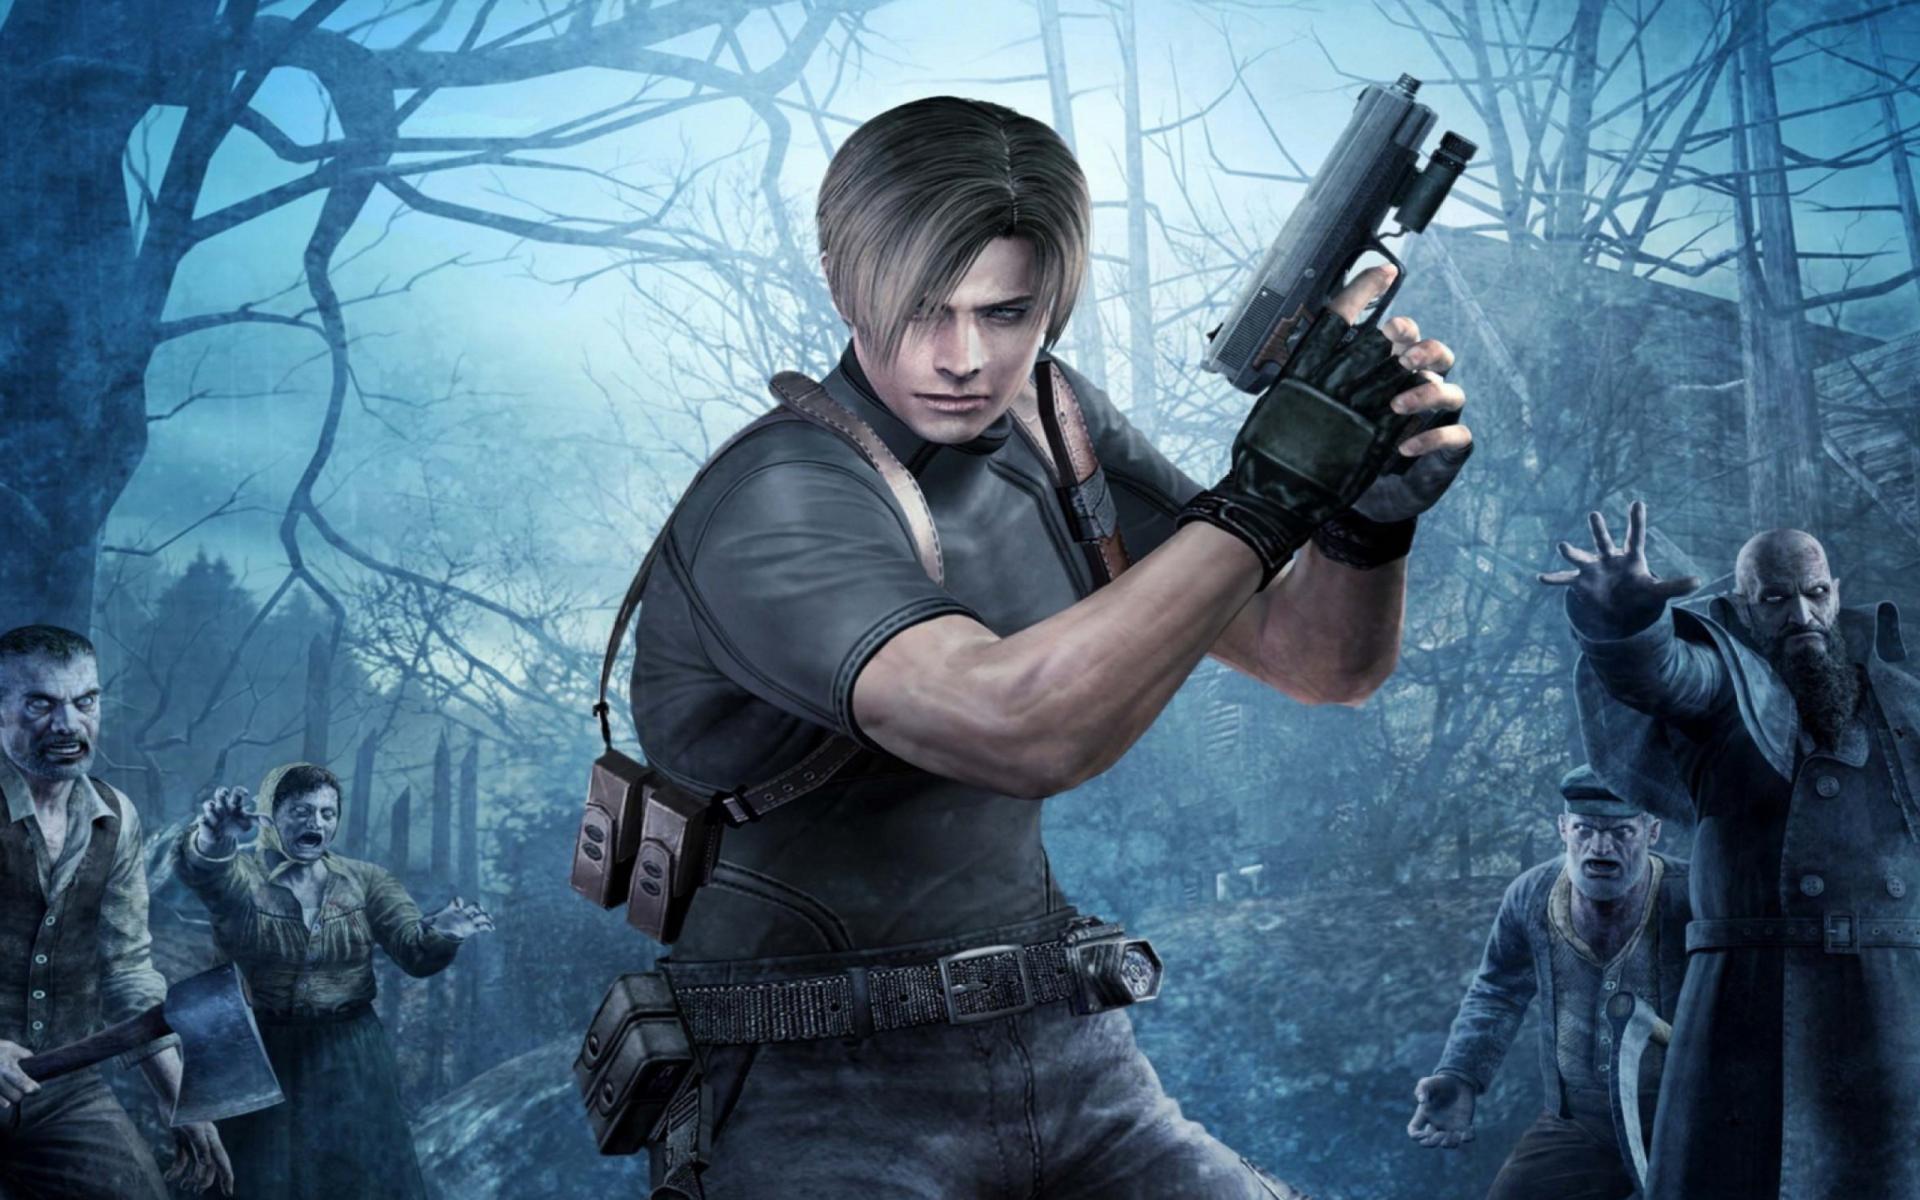 У ремейка Resident Evil 4 возникли проблемы. Проект частично перезапустили